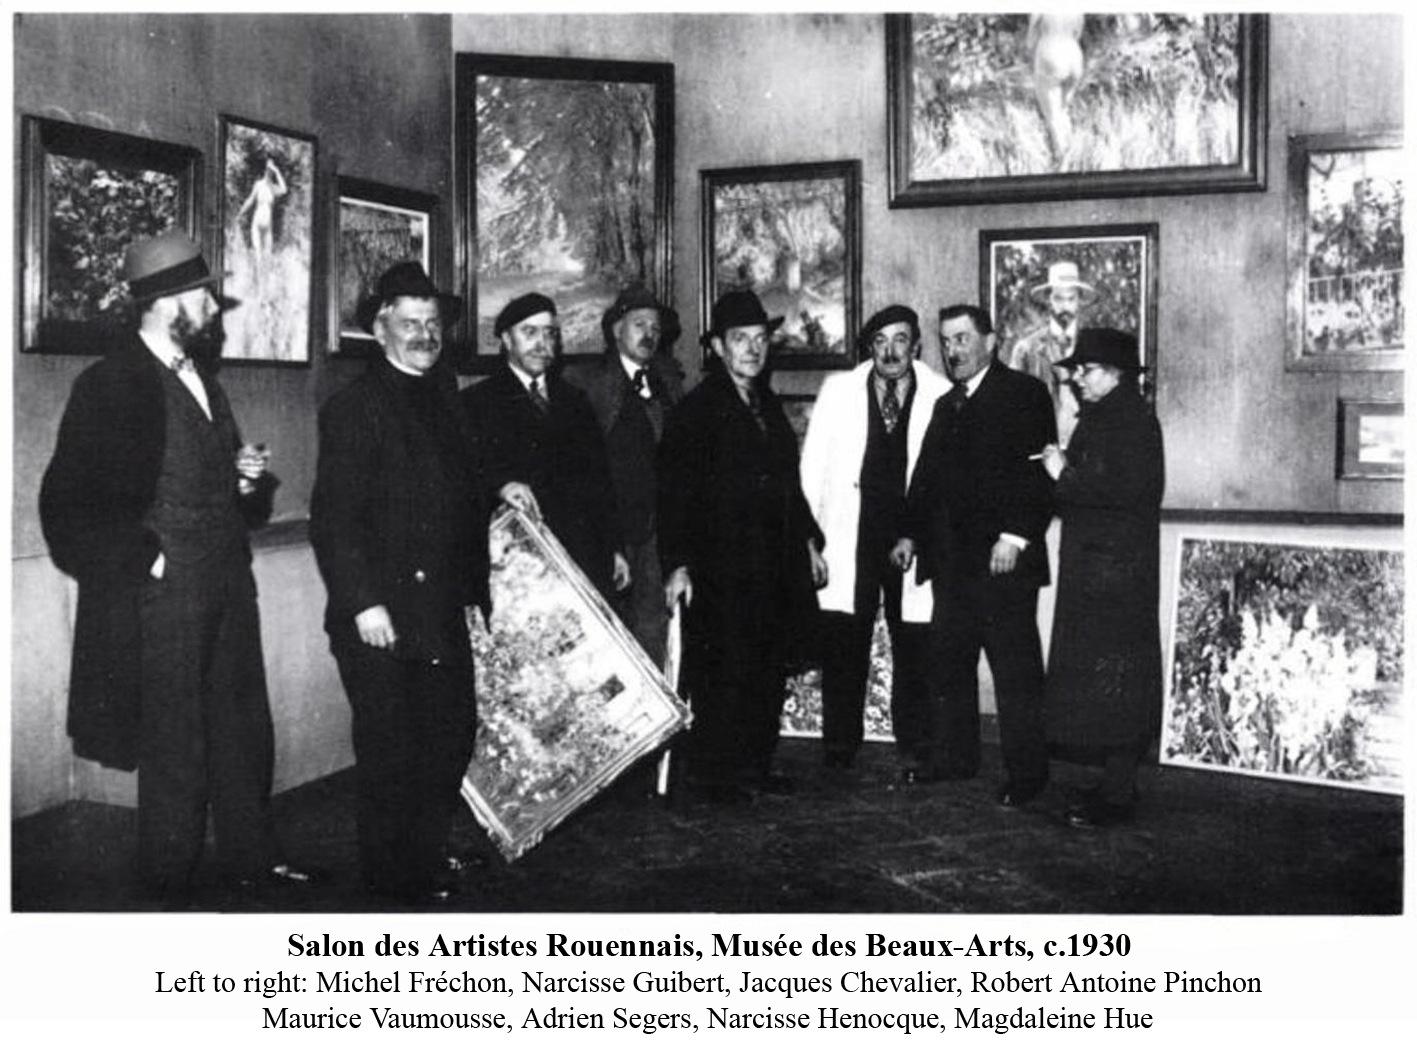 Scuola di rouen wikipedia for Le salon des independants